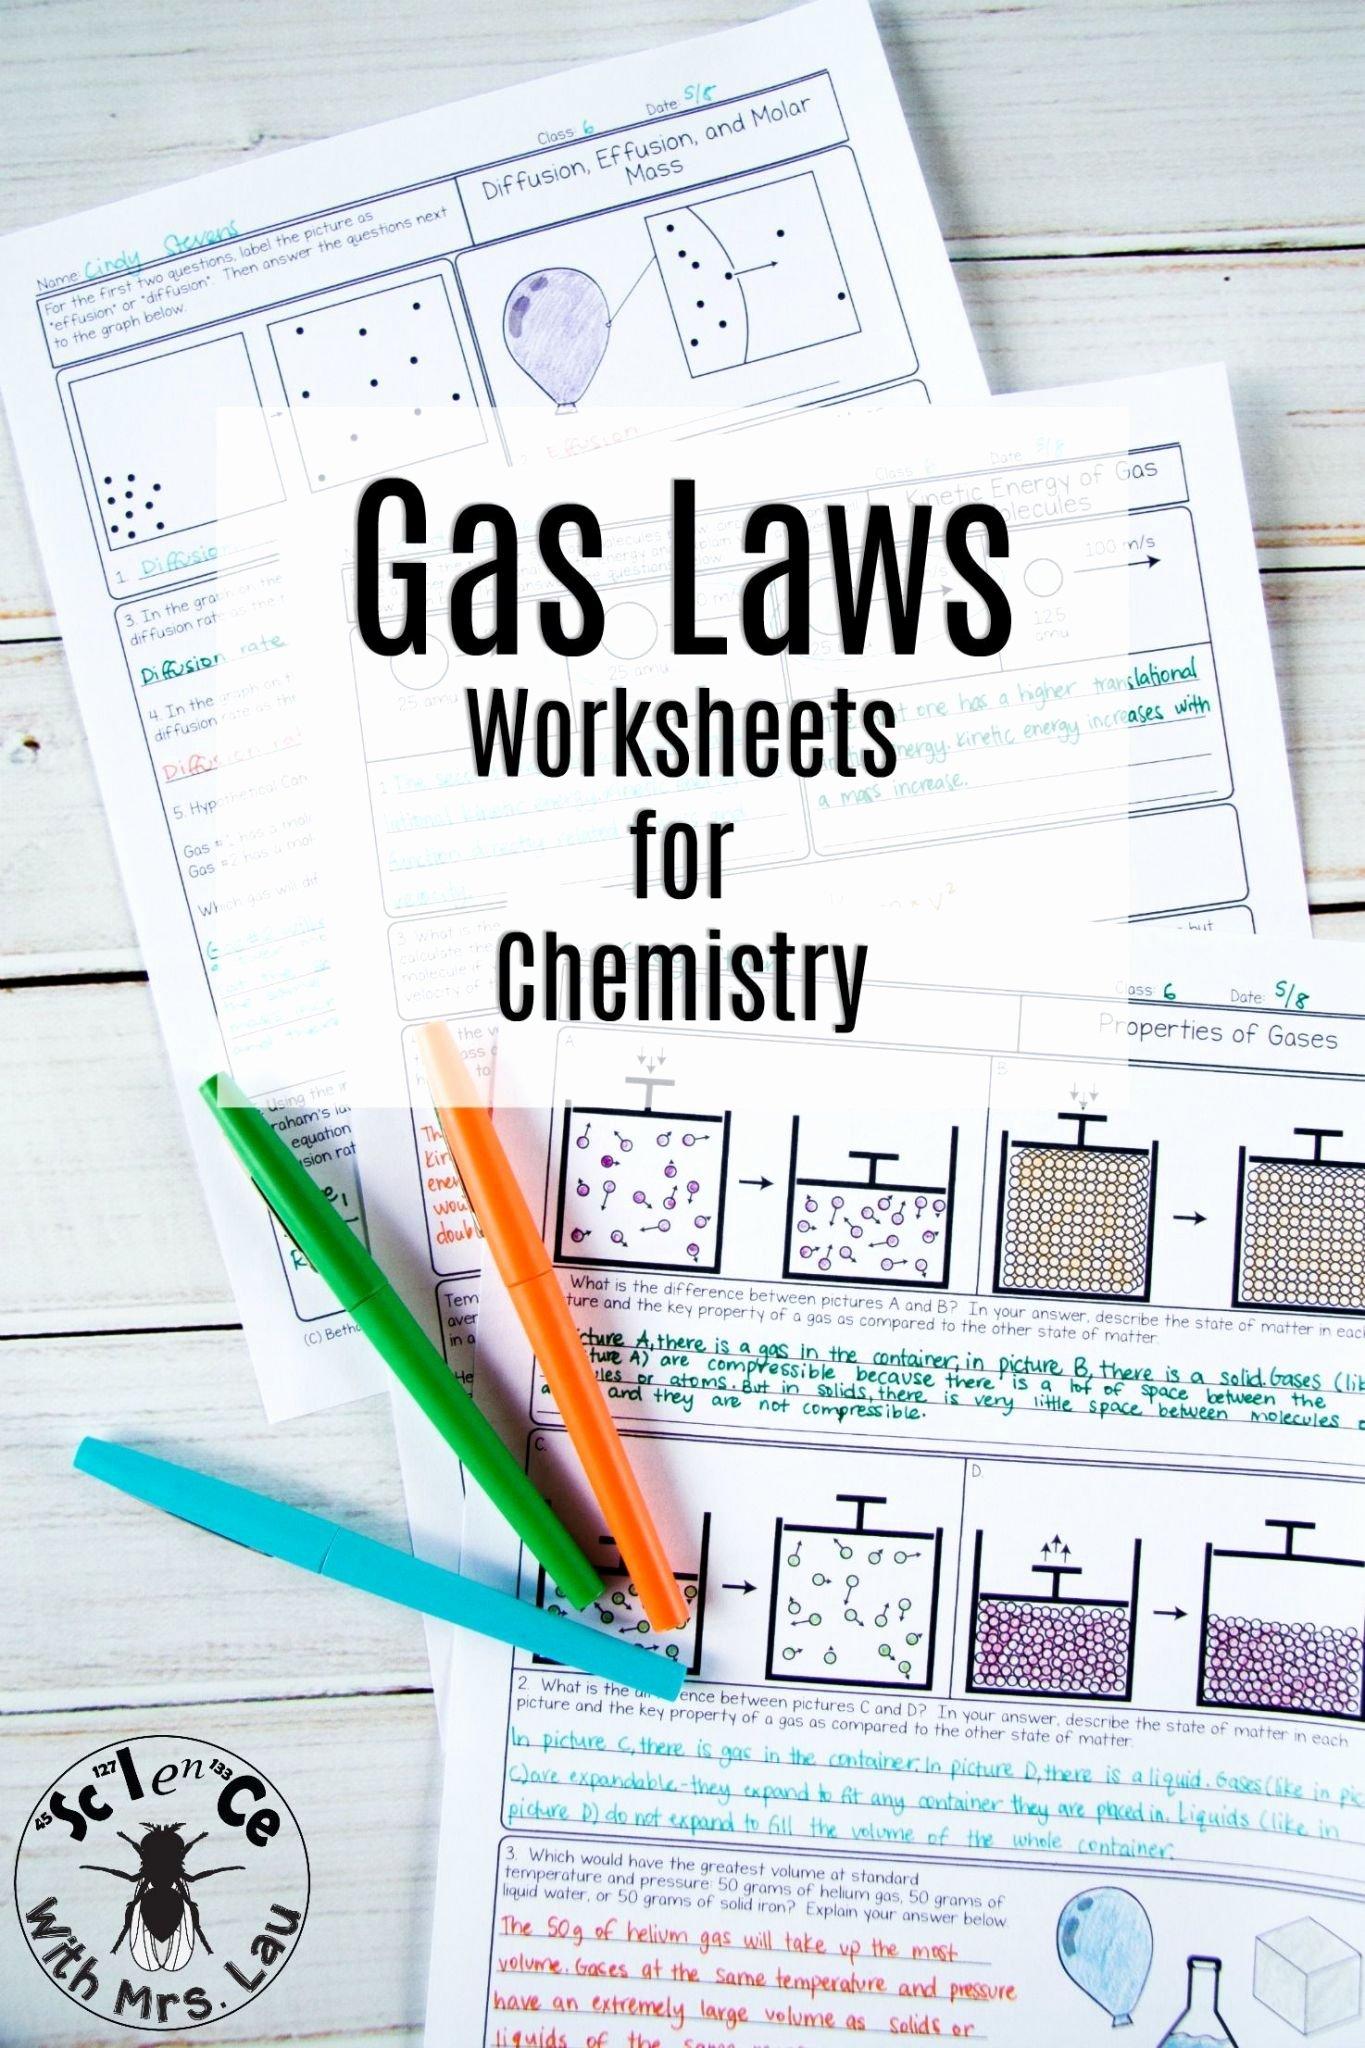 50 Simplifying Radicals Worksheet Answer Key